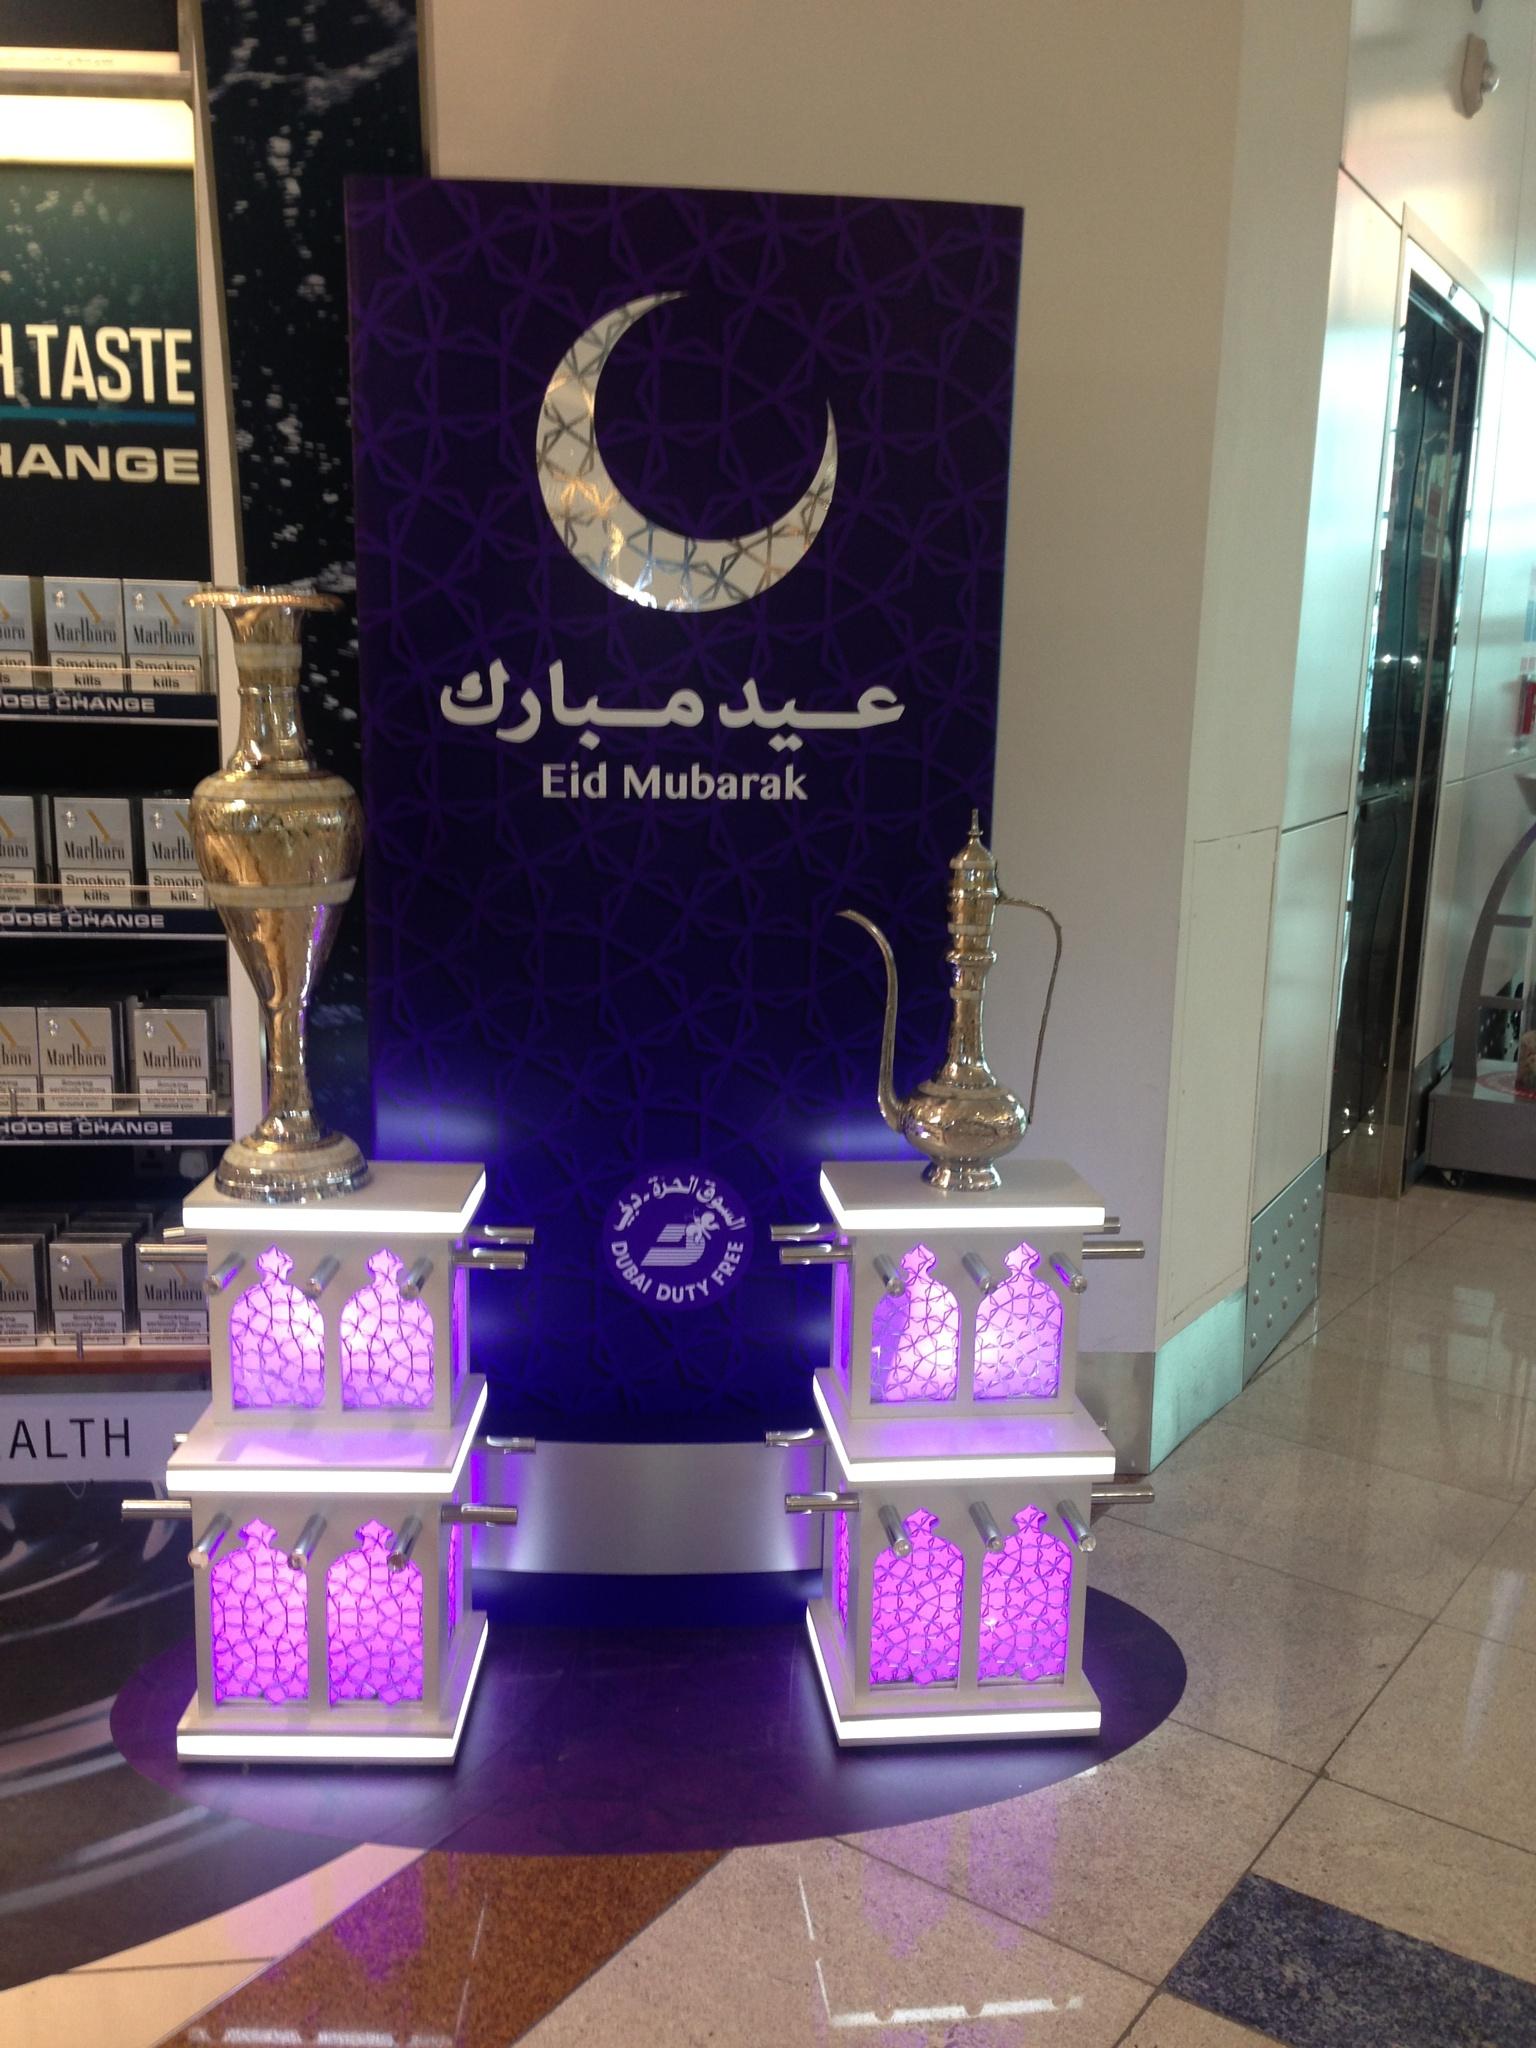 Eid Mubarak by Raïyan Fahïm